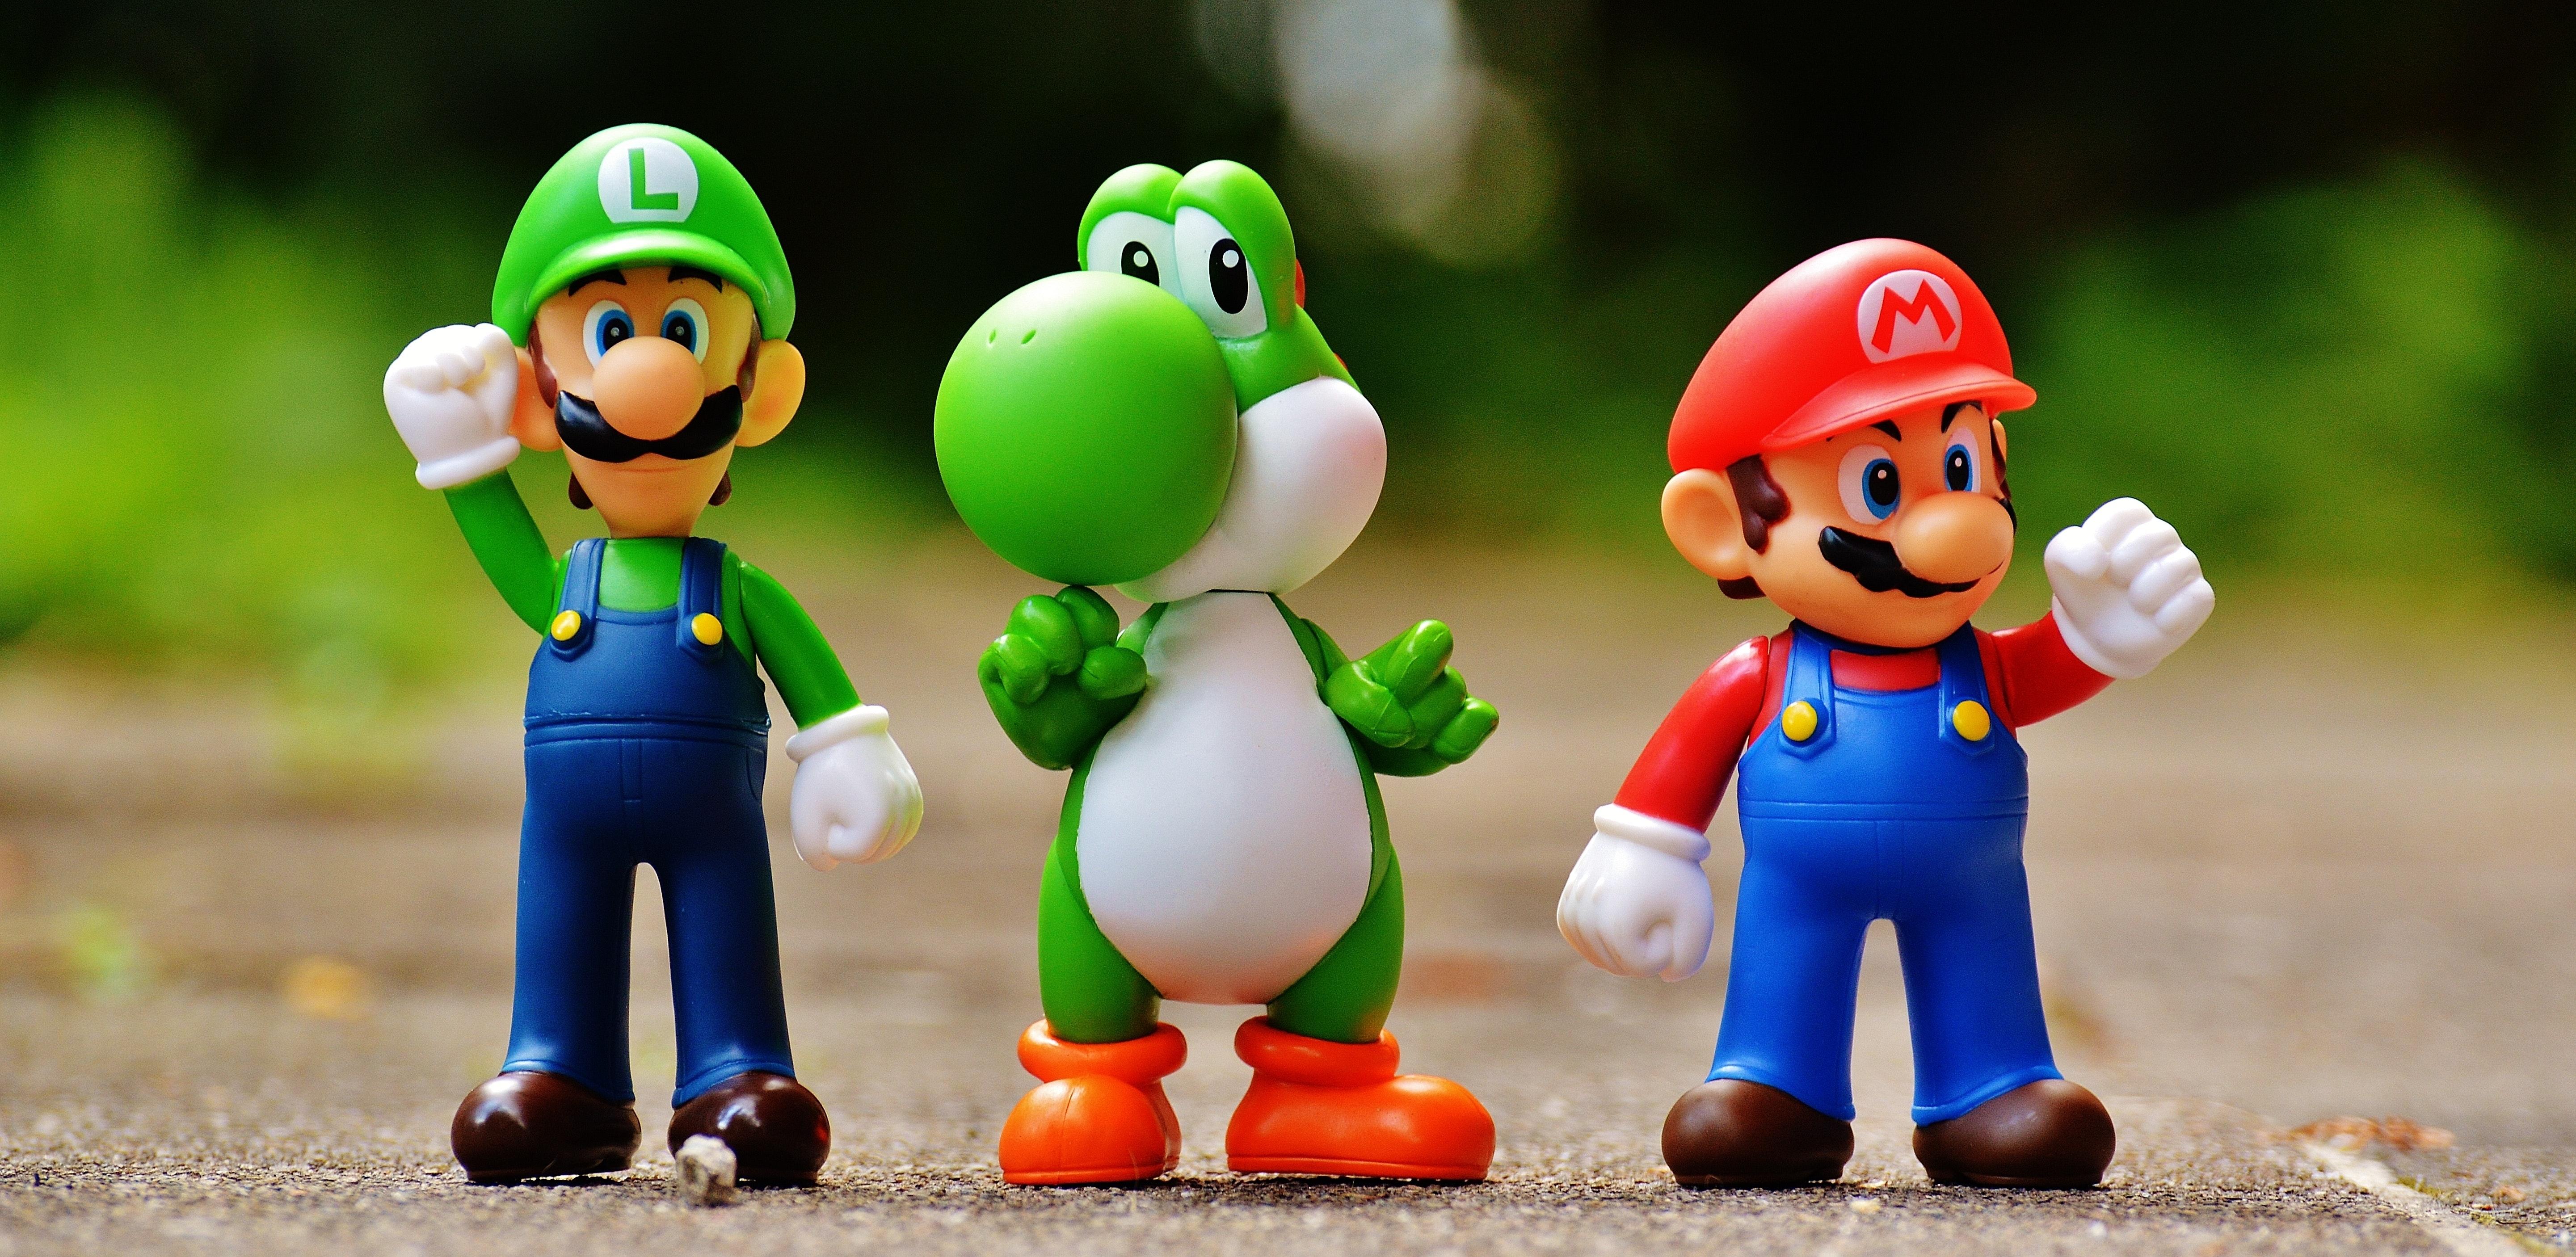 Super Mario Action Figure, Cartoon, Game, Super Mario, Road, HQ Photo